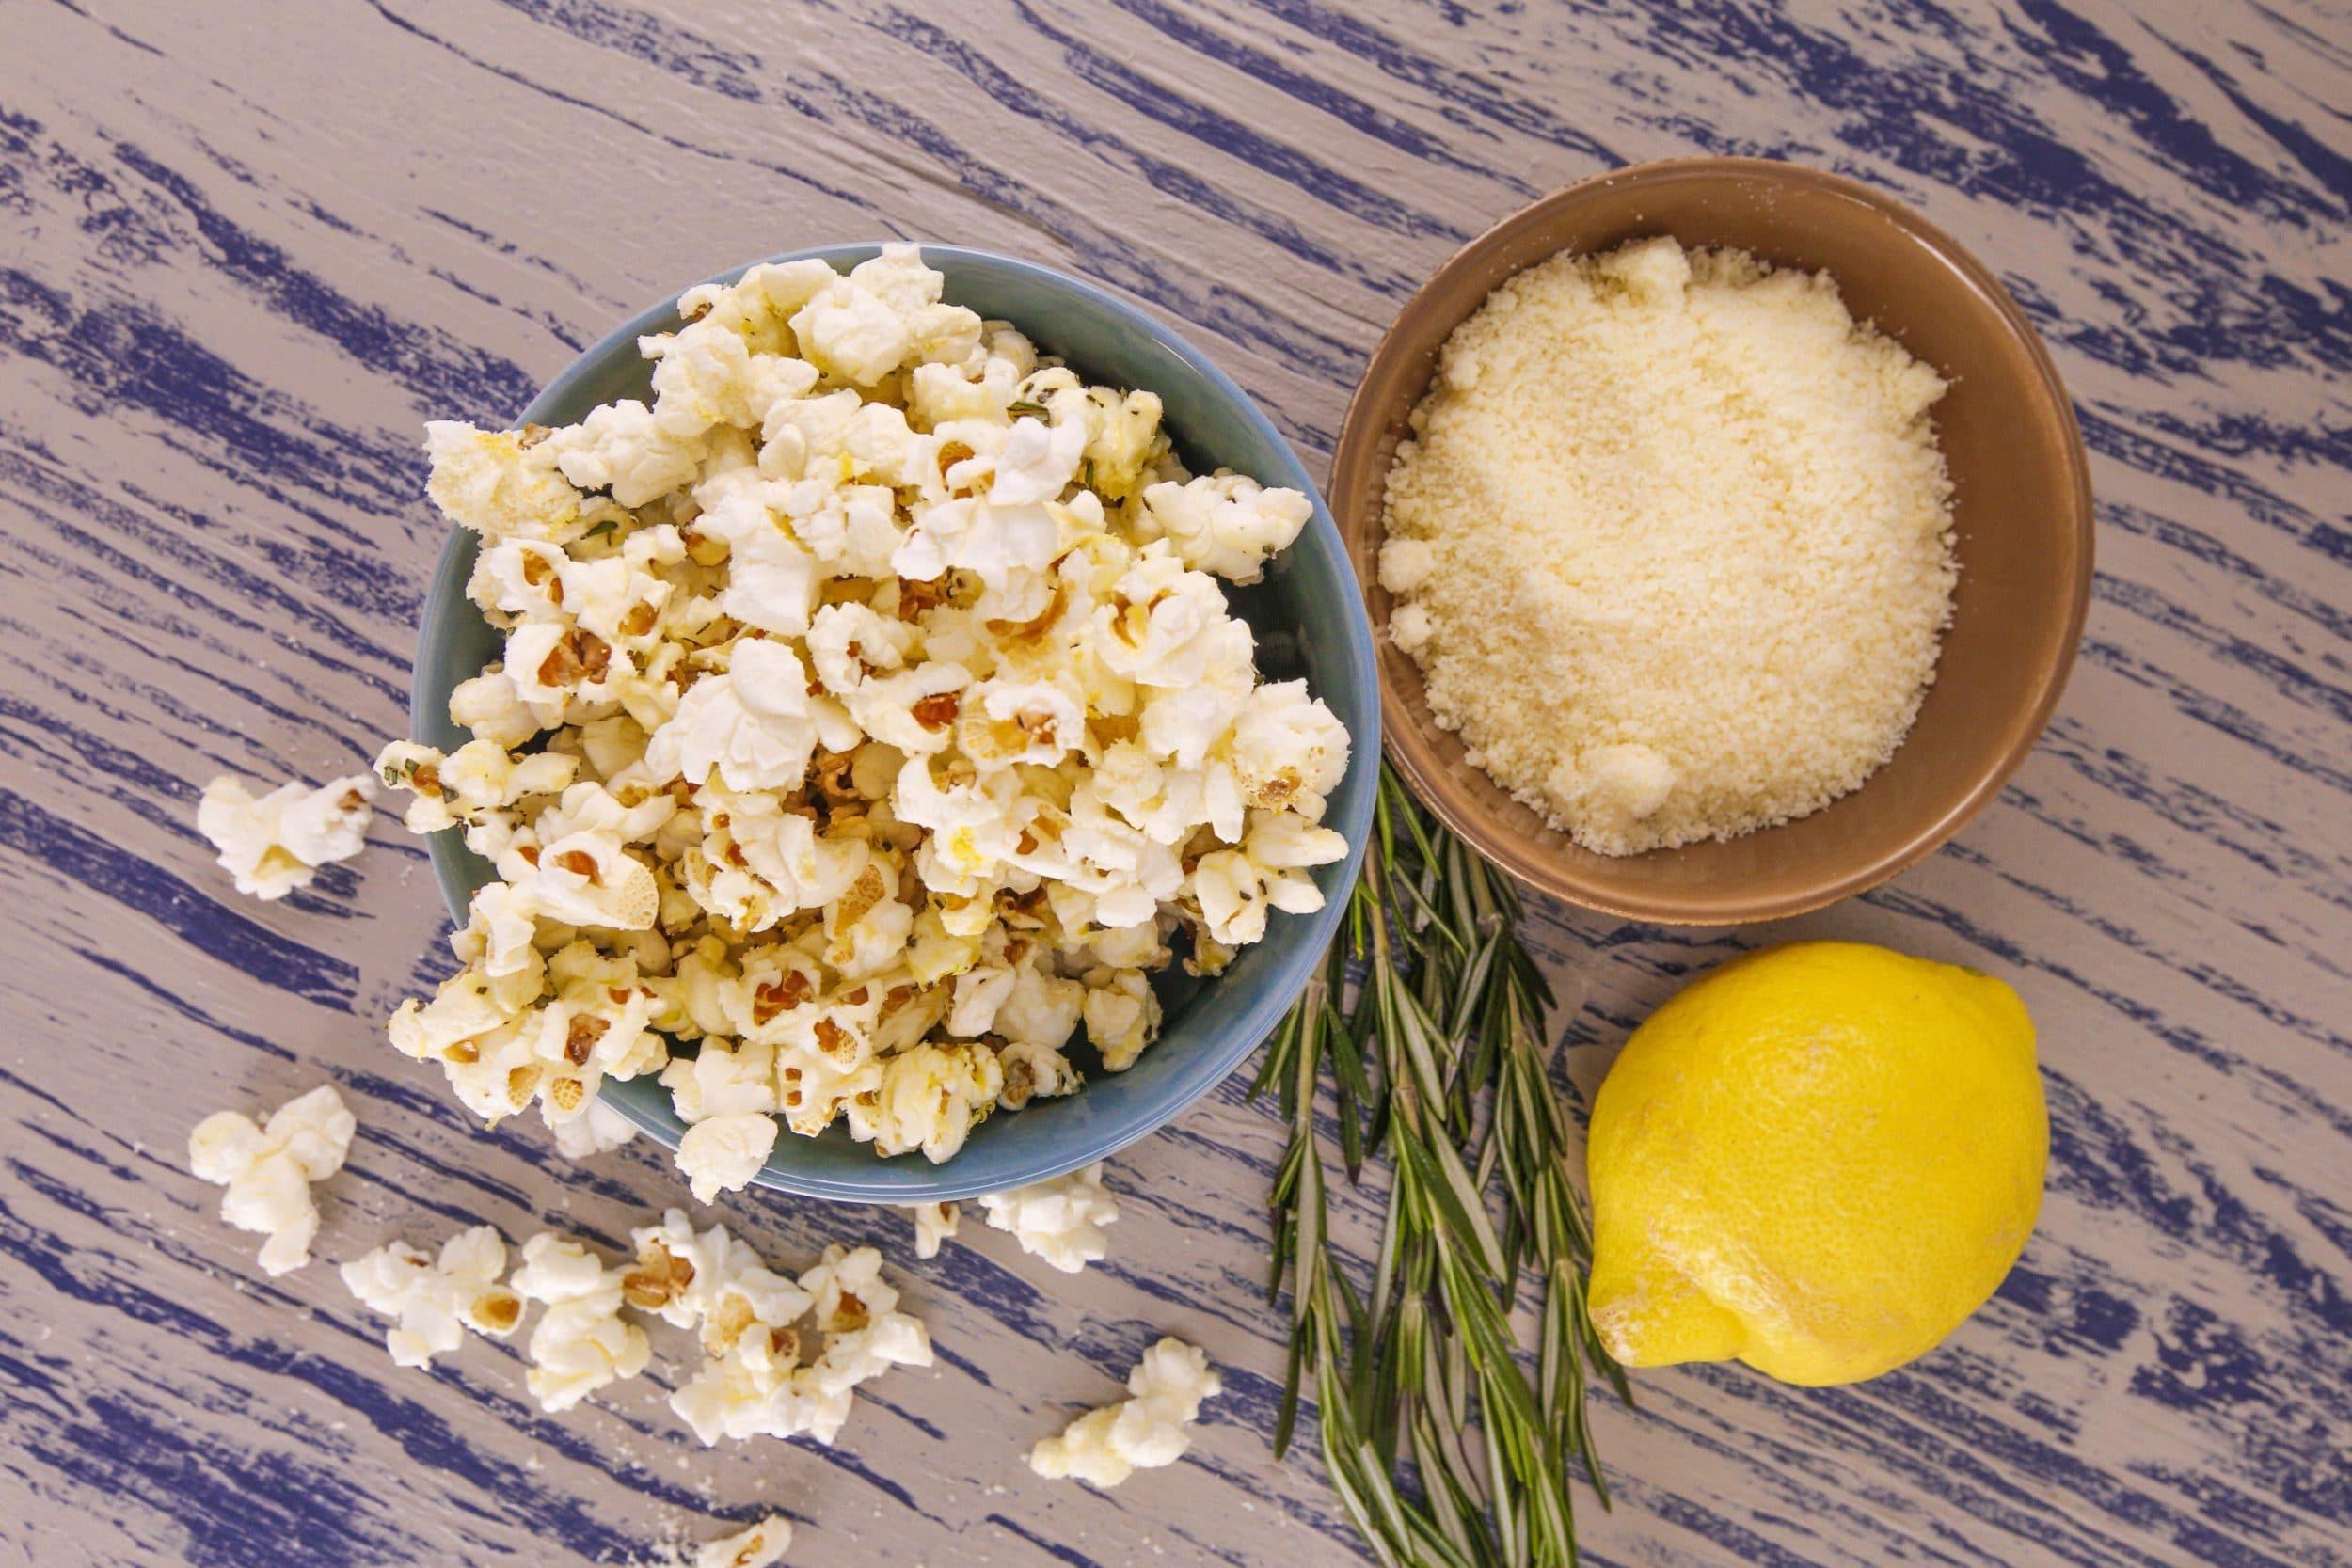 Rosemary-Parm Popcorn